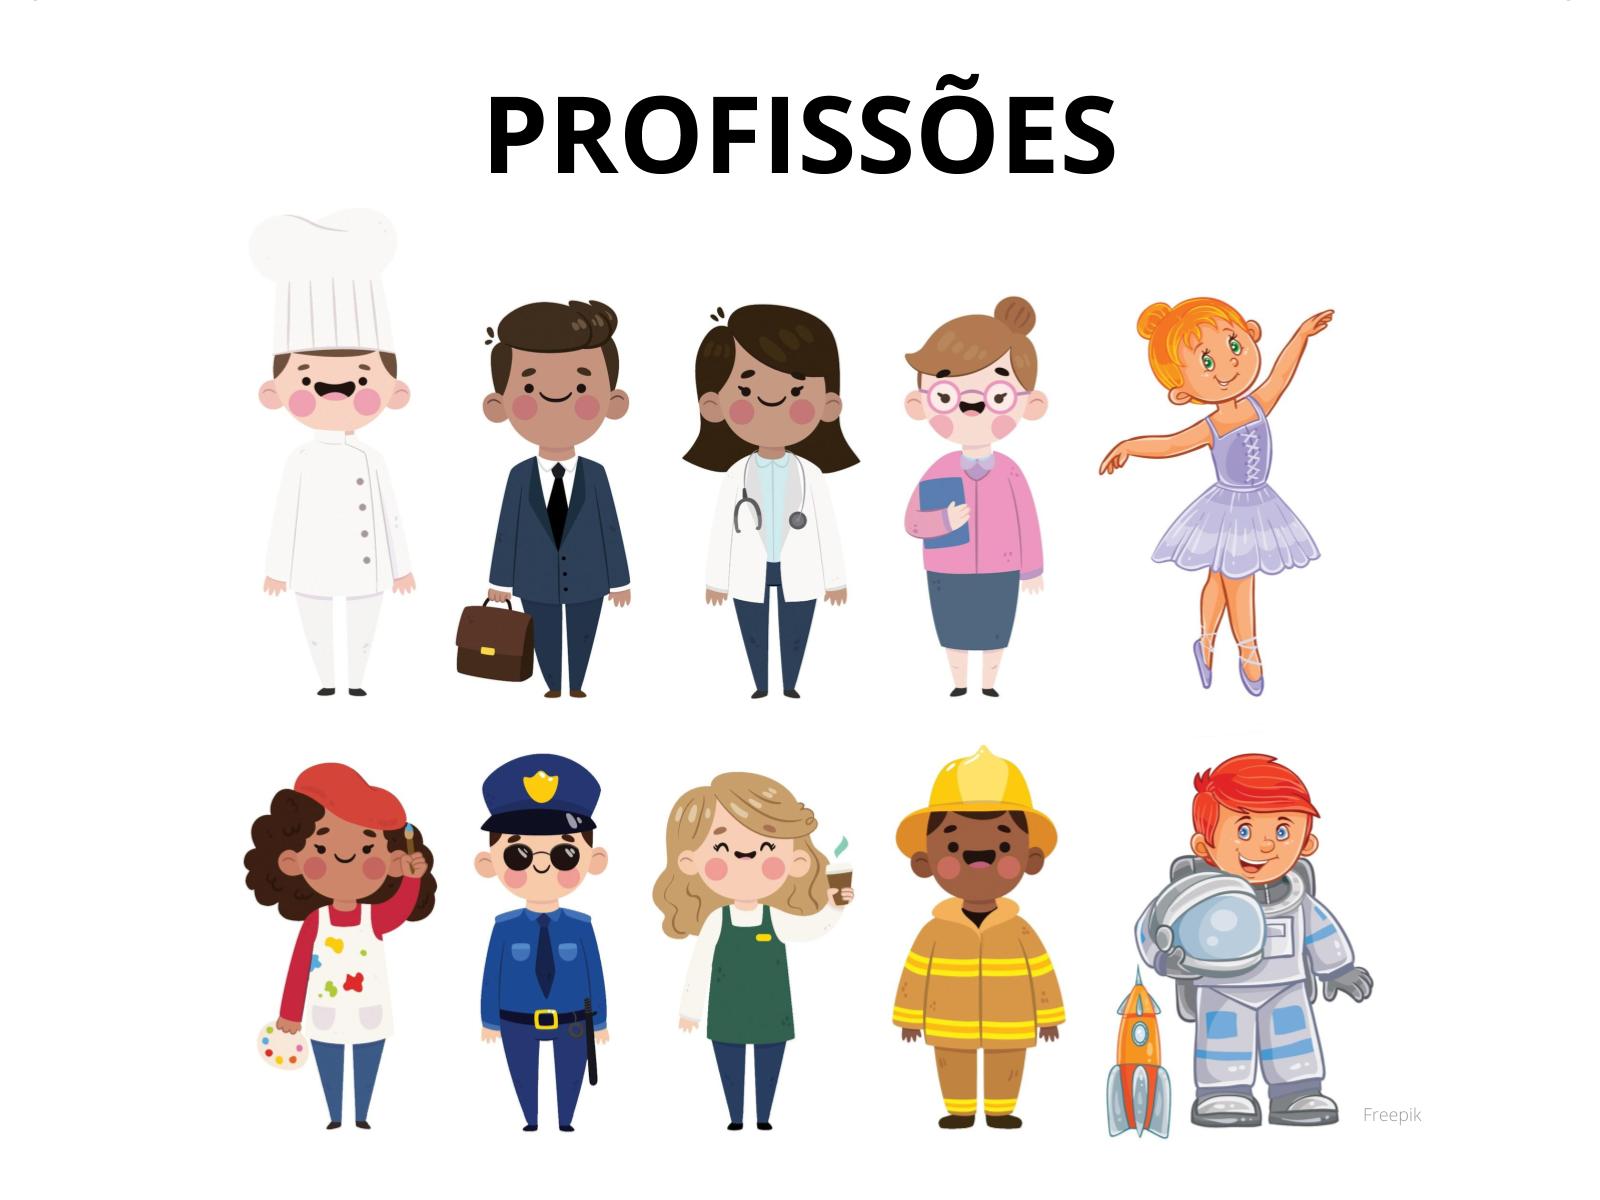 O papel de cada profissão